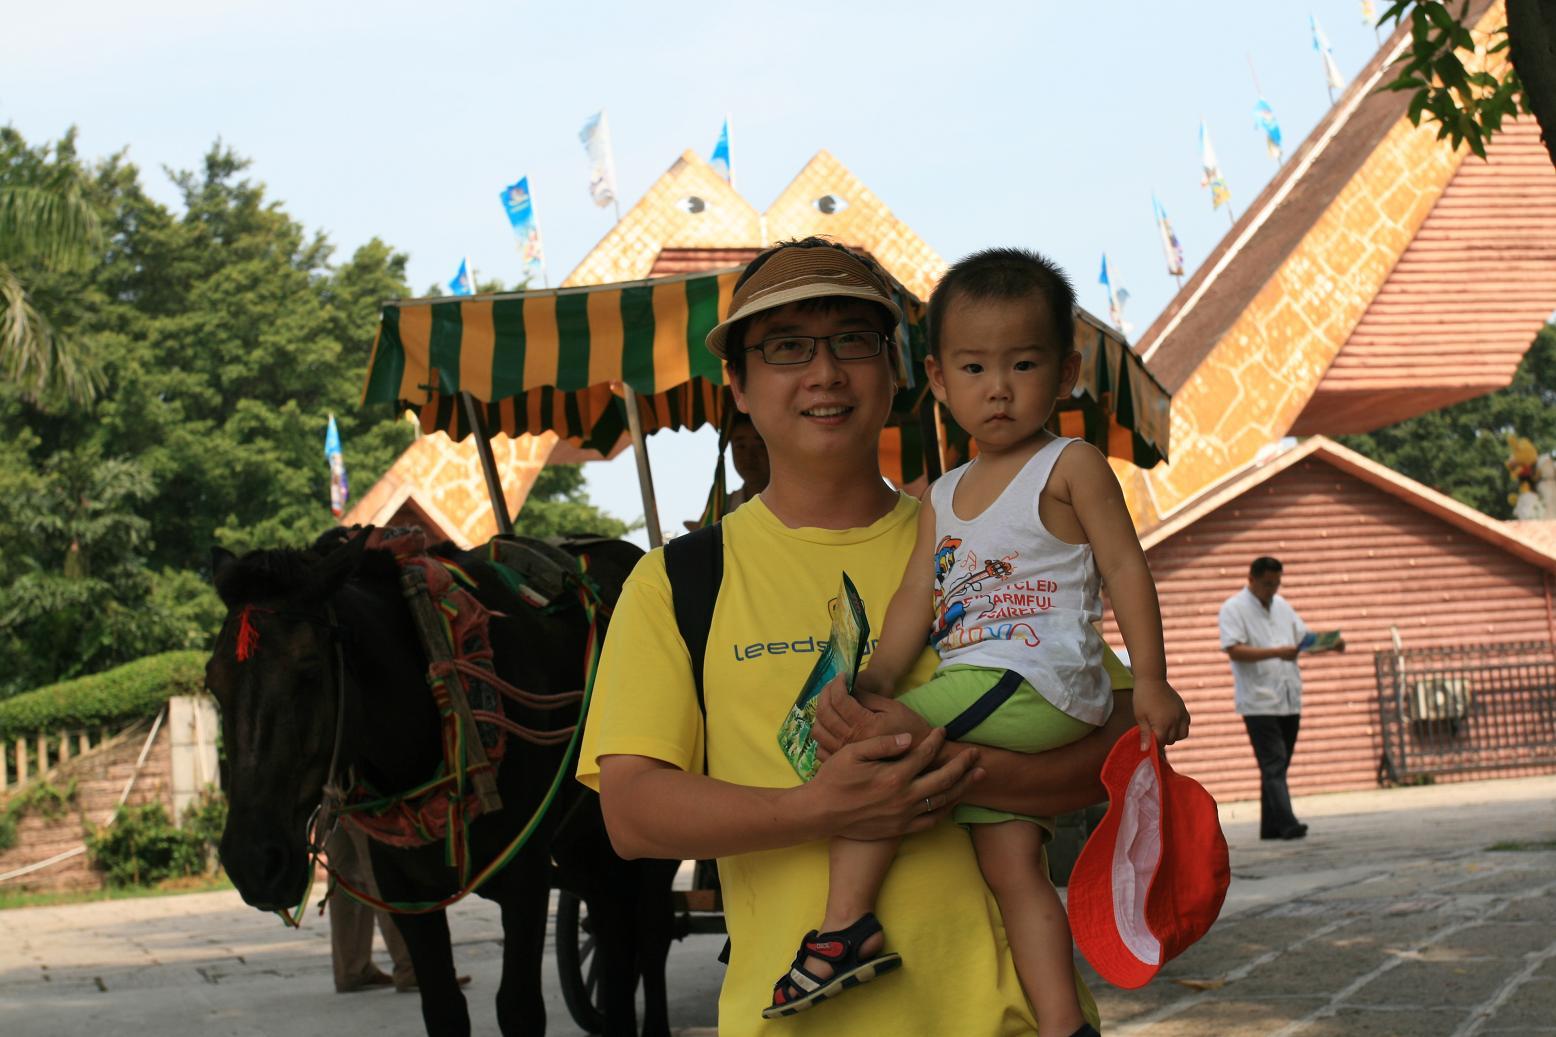 深圳野生动物园游玩攻略